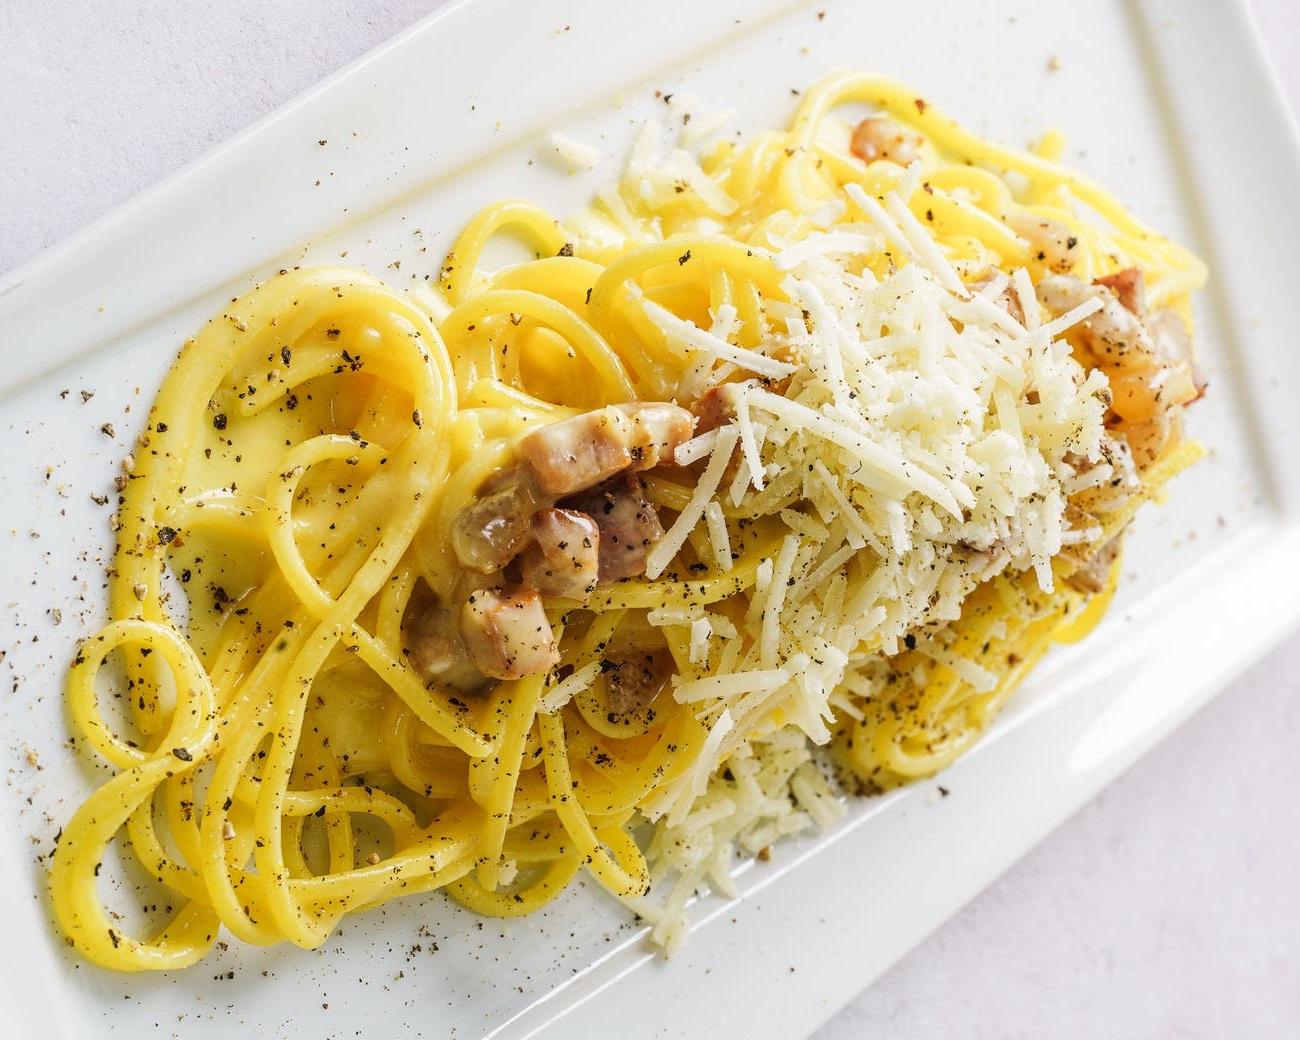 Spaghete Carbonara - o rețetă rapidă de paste delicioase. Nu ai nevoie de prea multe ingrediente, iar gustul e desăvârșit!